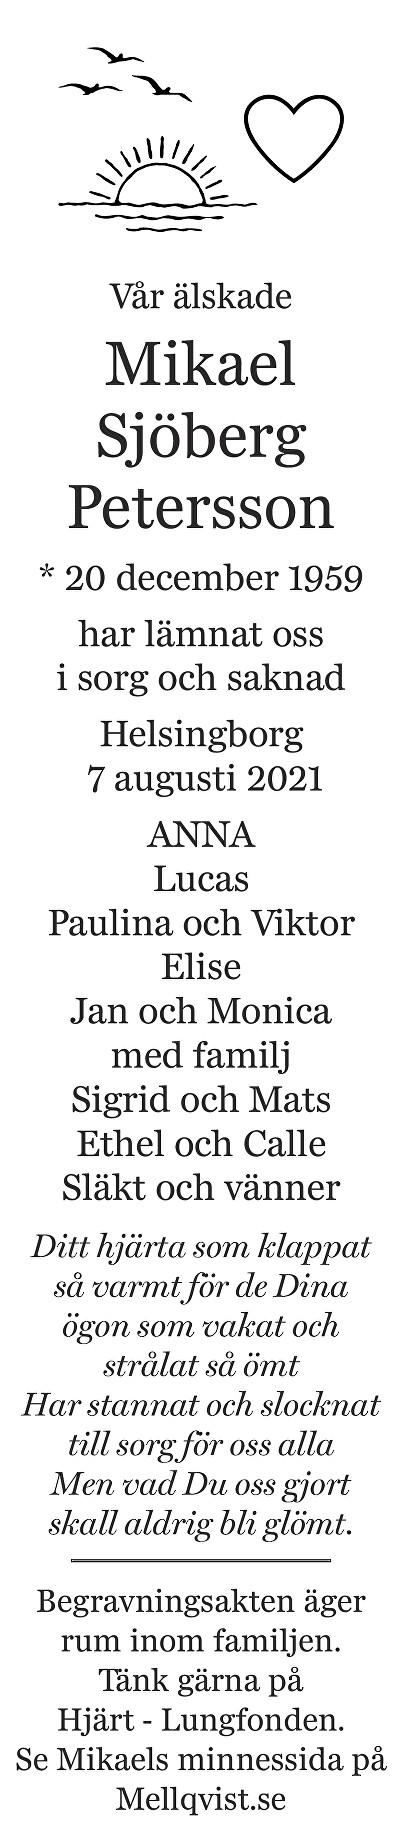 Mikael Sjöberg Petersson Death notice